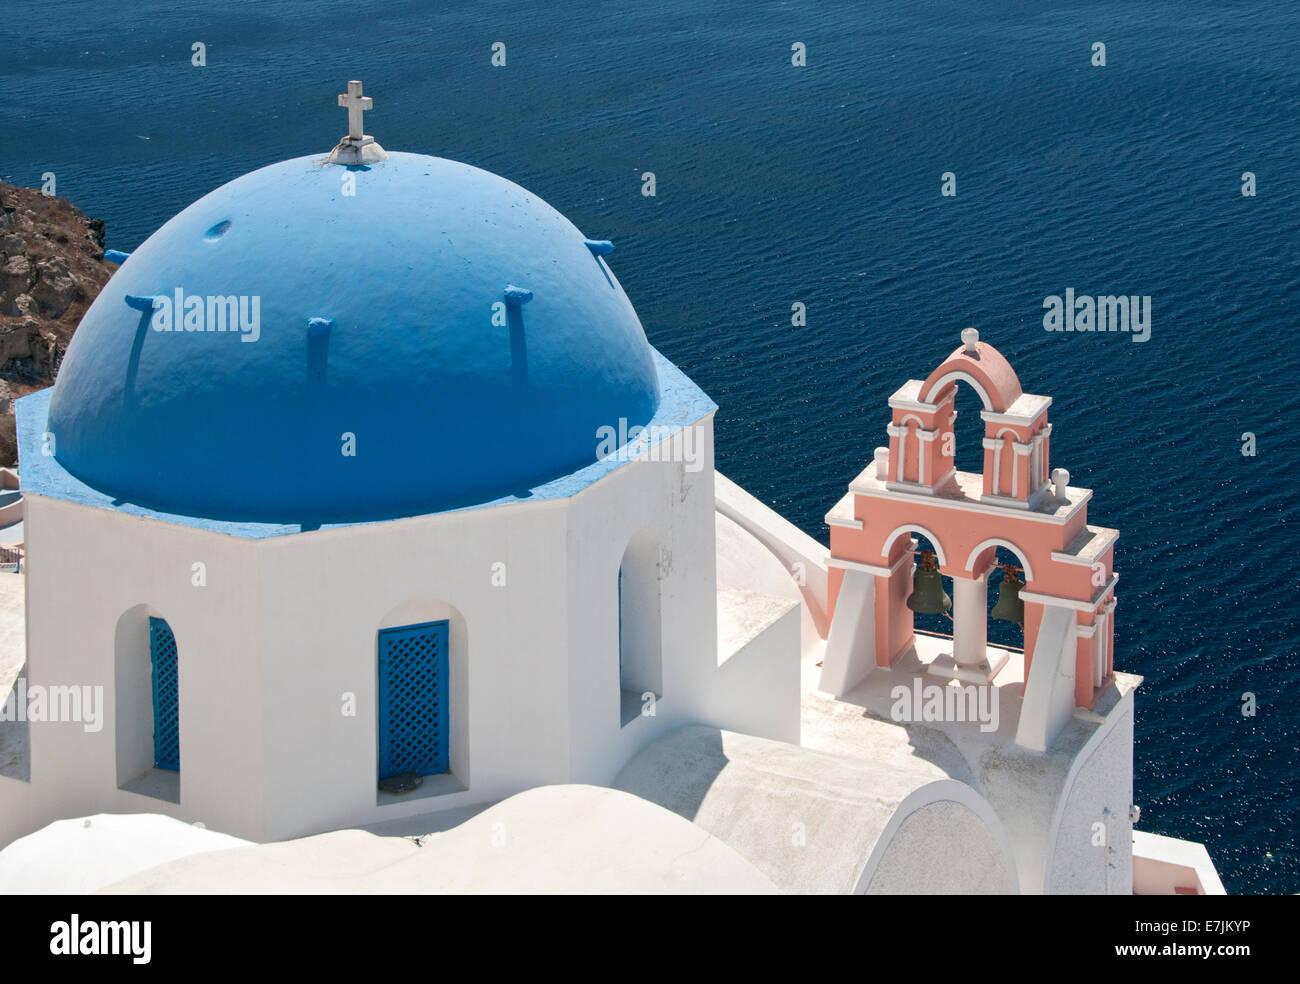 Iglesias con cúpula azul con vistas a la Caldera, Oia, Santorini, Cícladas, Islas Griegas, Grecia, Europa Imagen De Stock